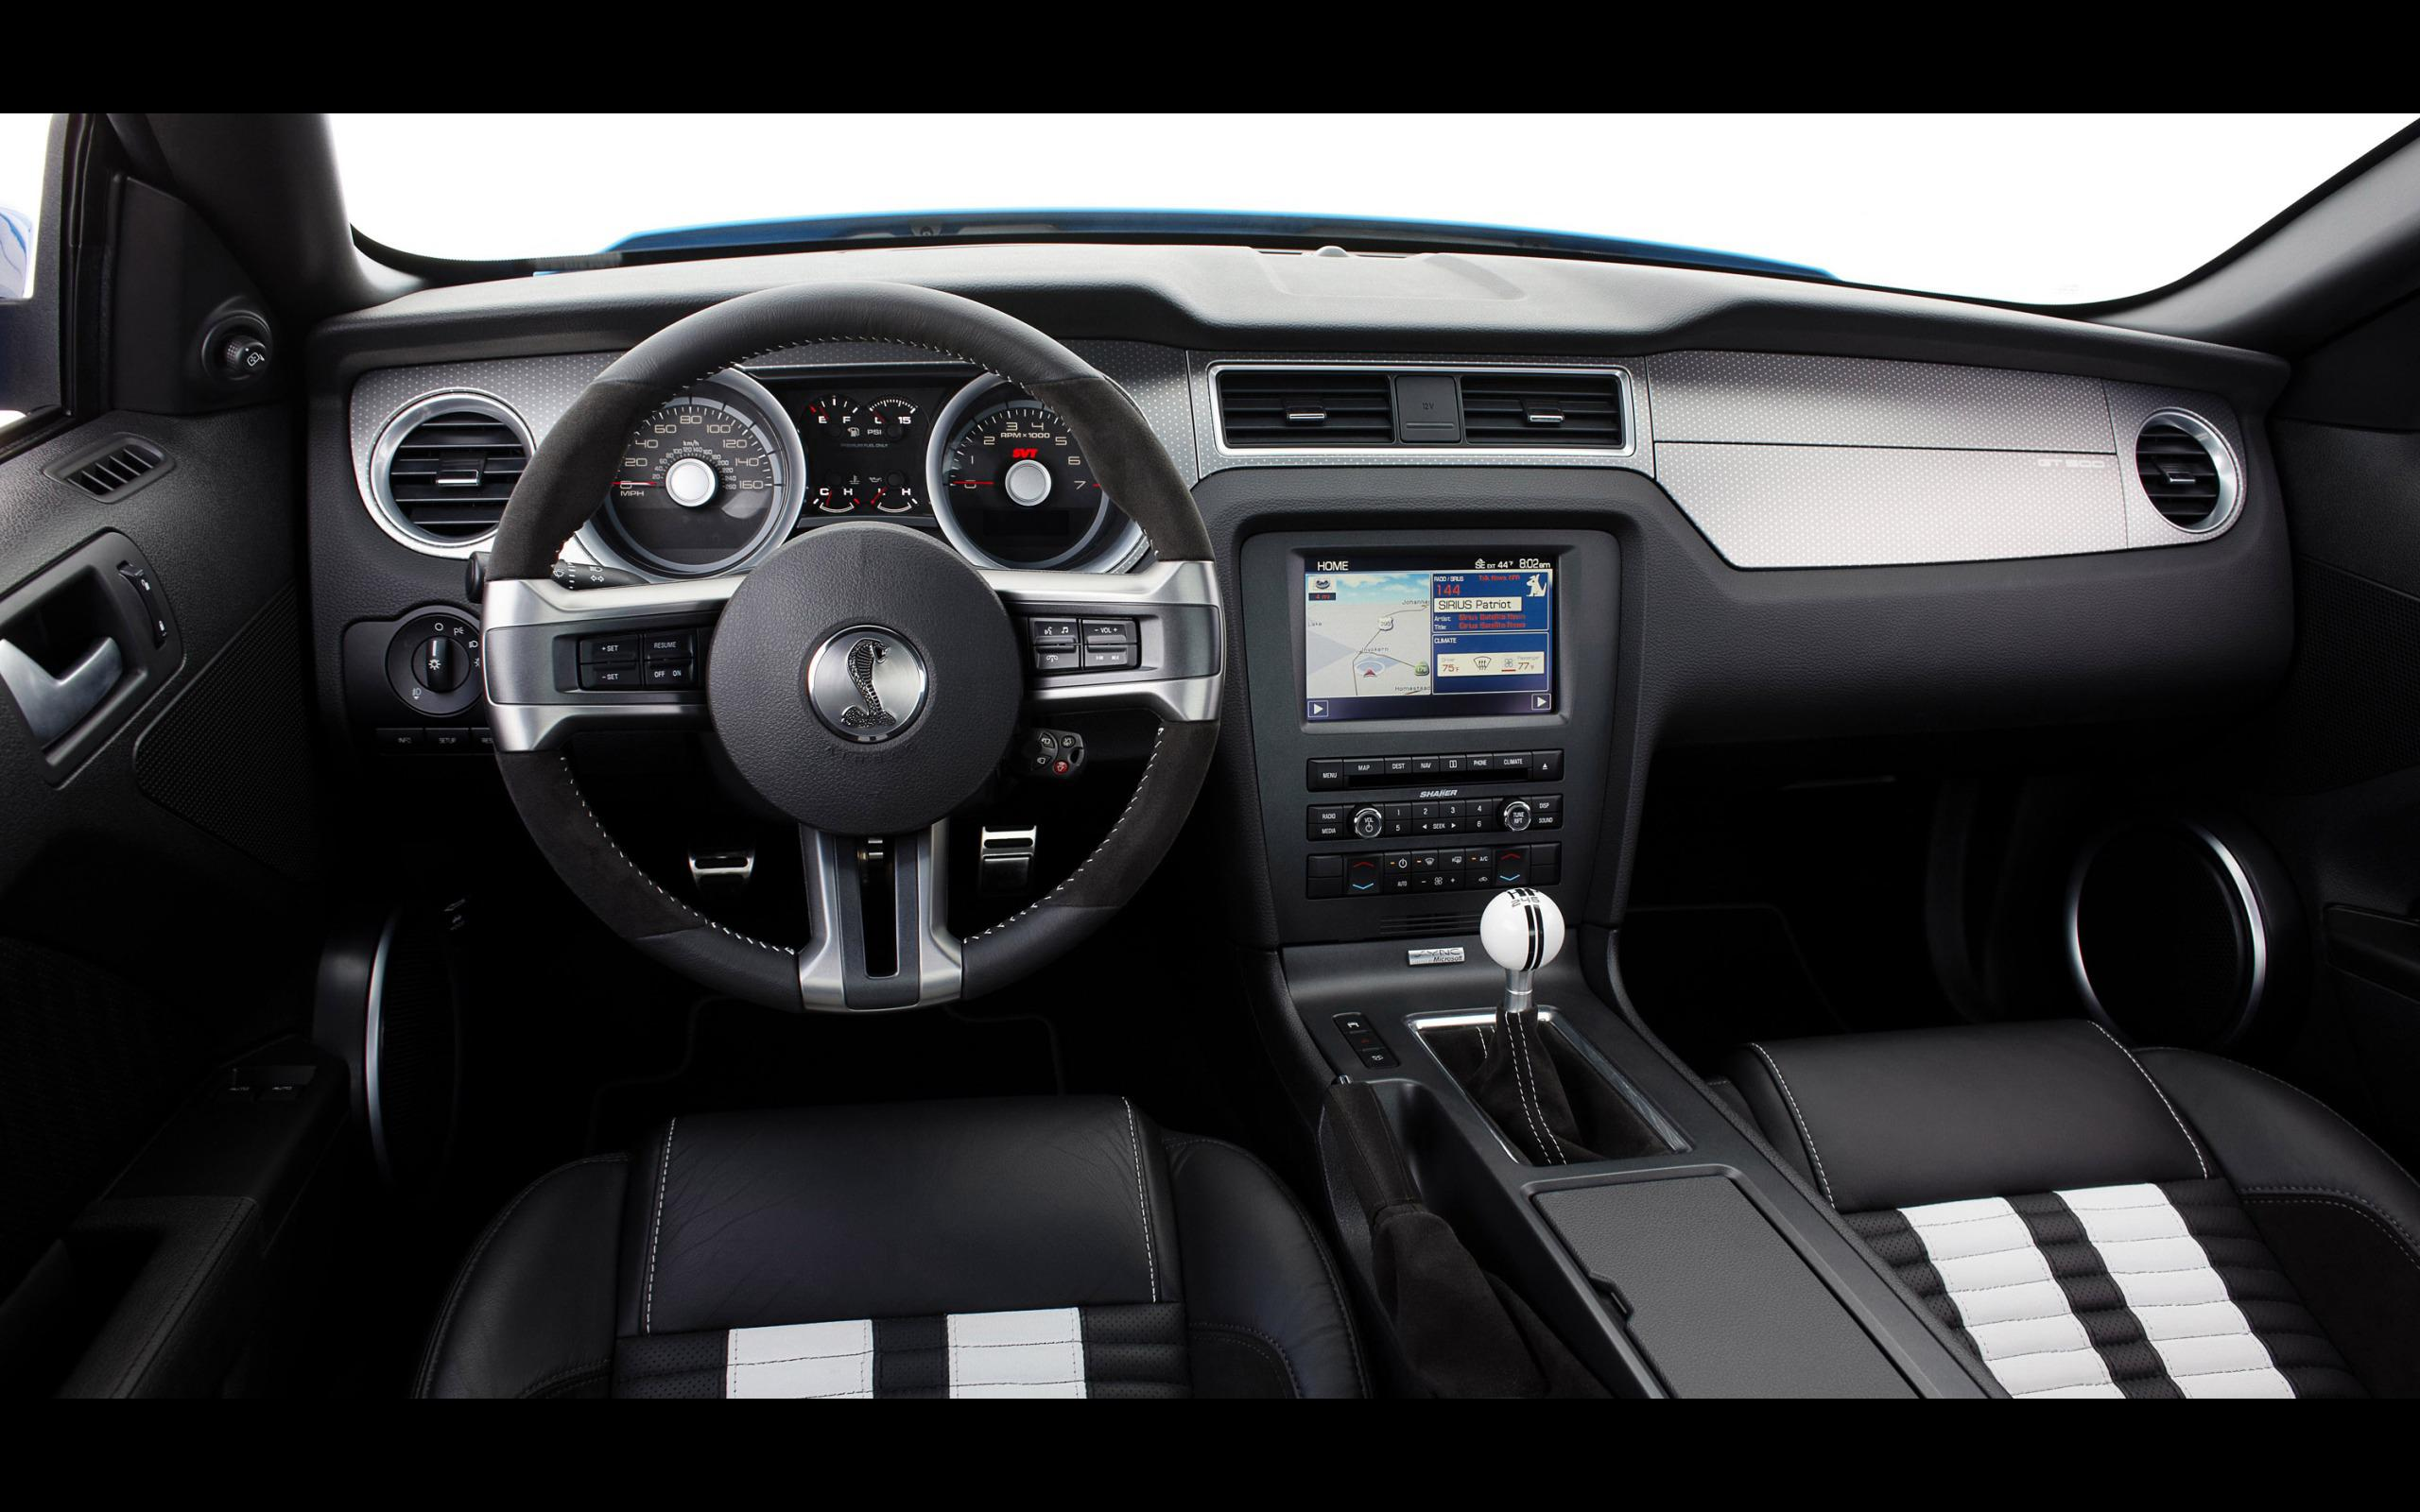 壁纸2560 1600福特野马GT跑车高清壁纸 2560x1600 壁纸43壁纸,福